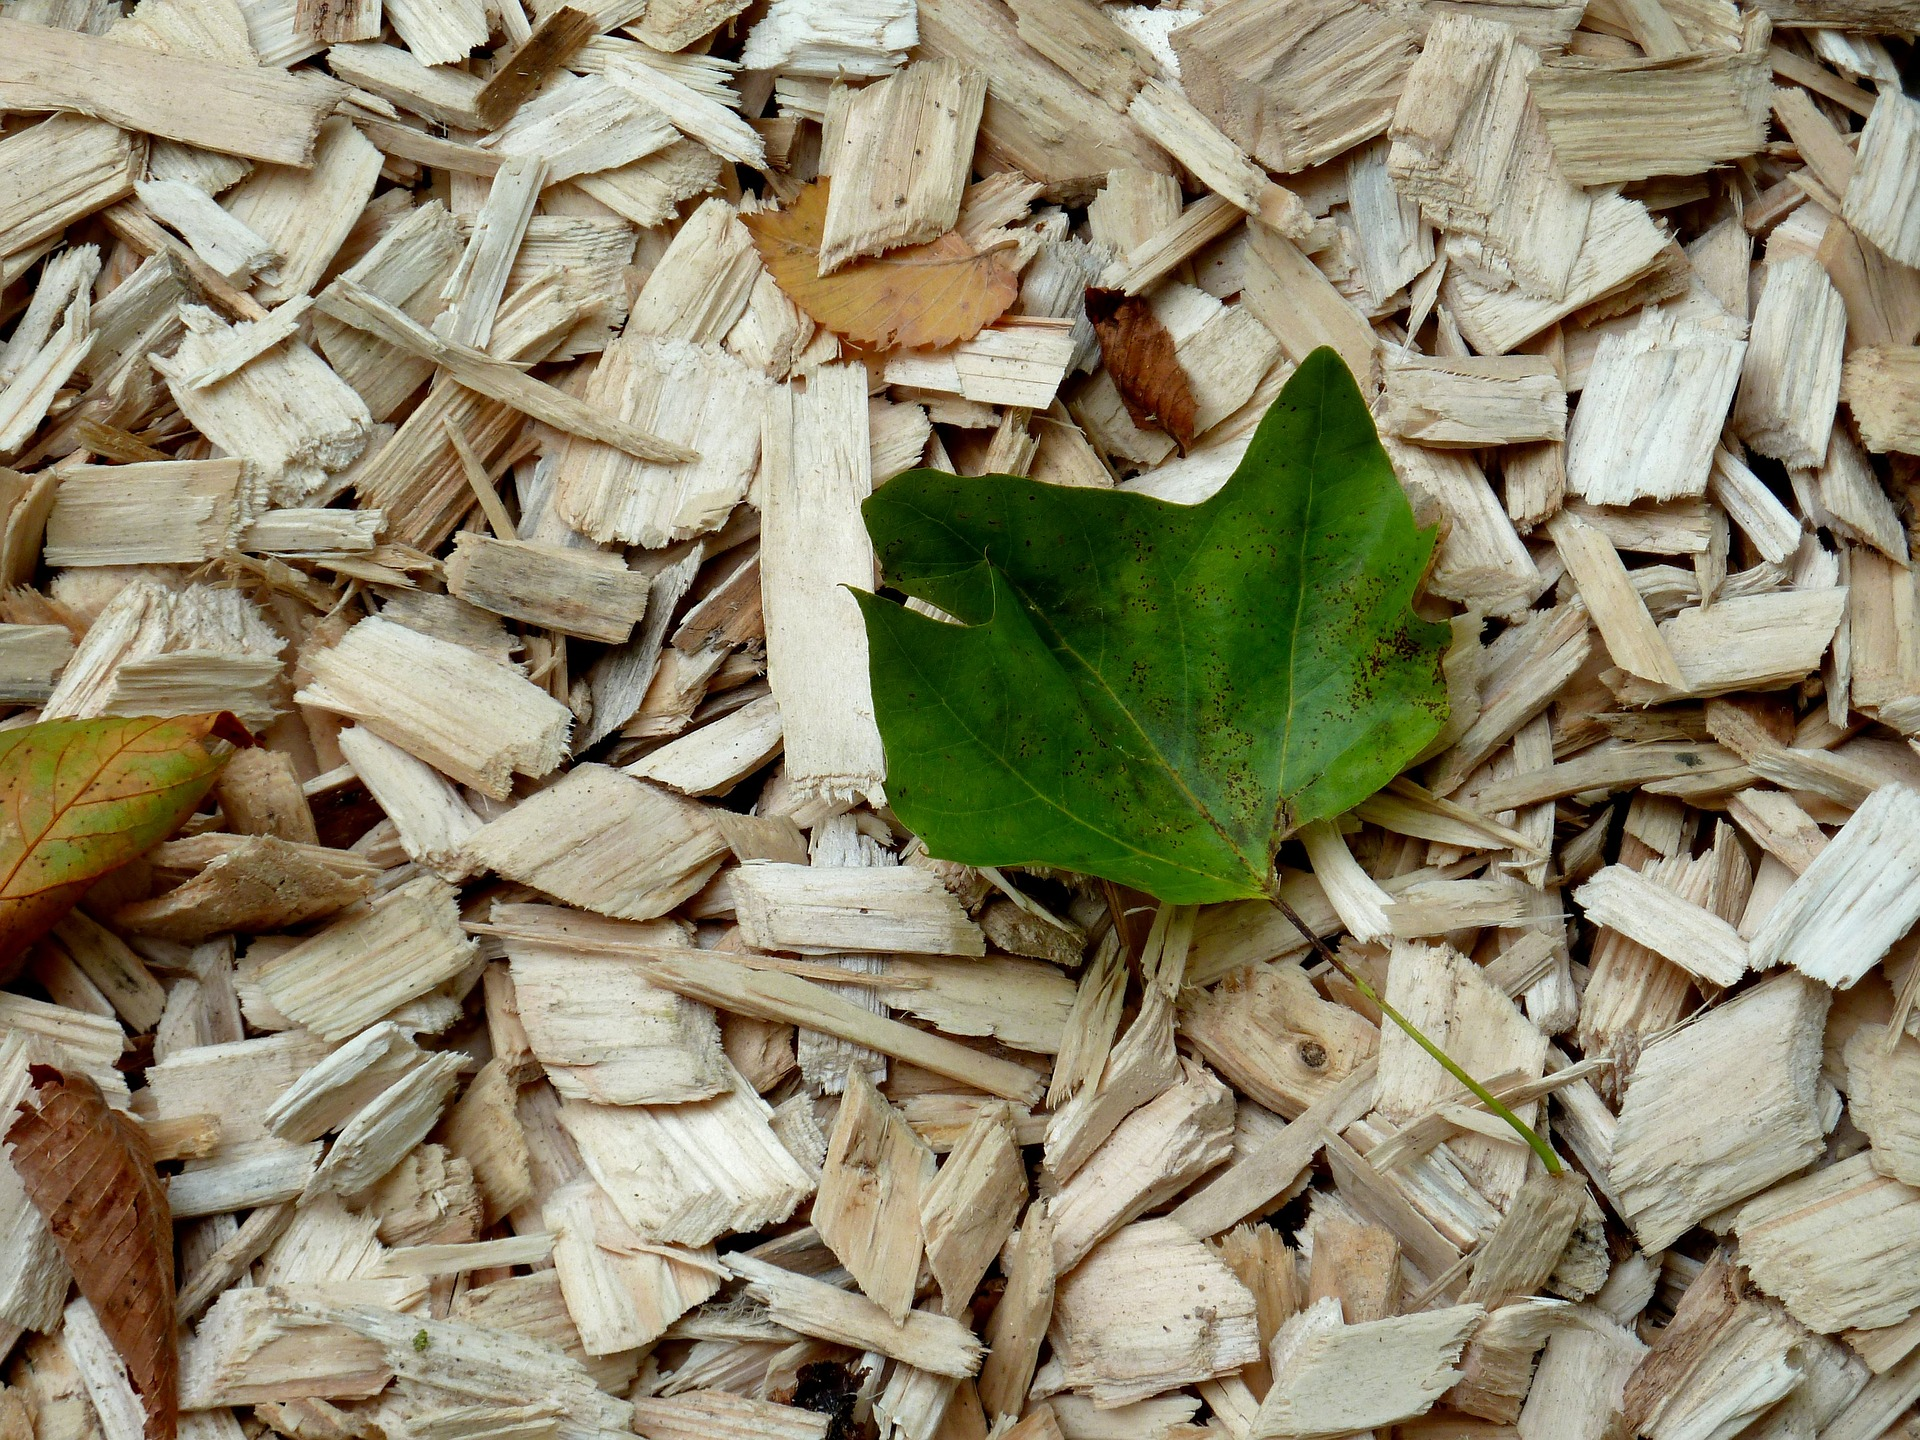 8-Wood-Chips-1722422_1920_entretien Sans Produit Chimique